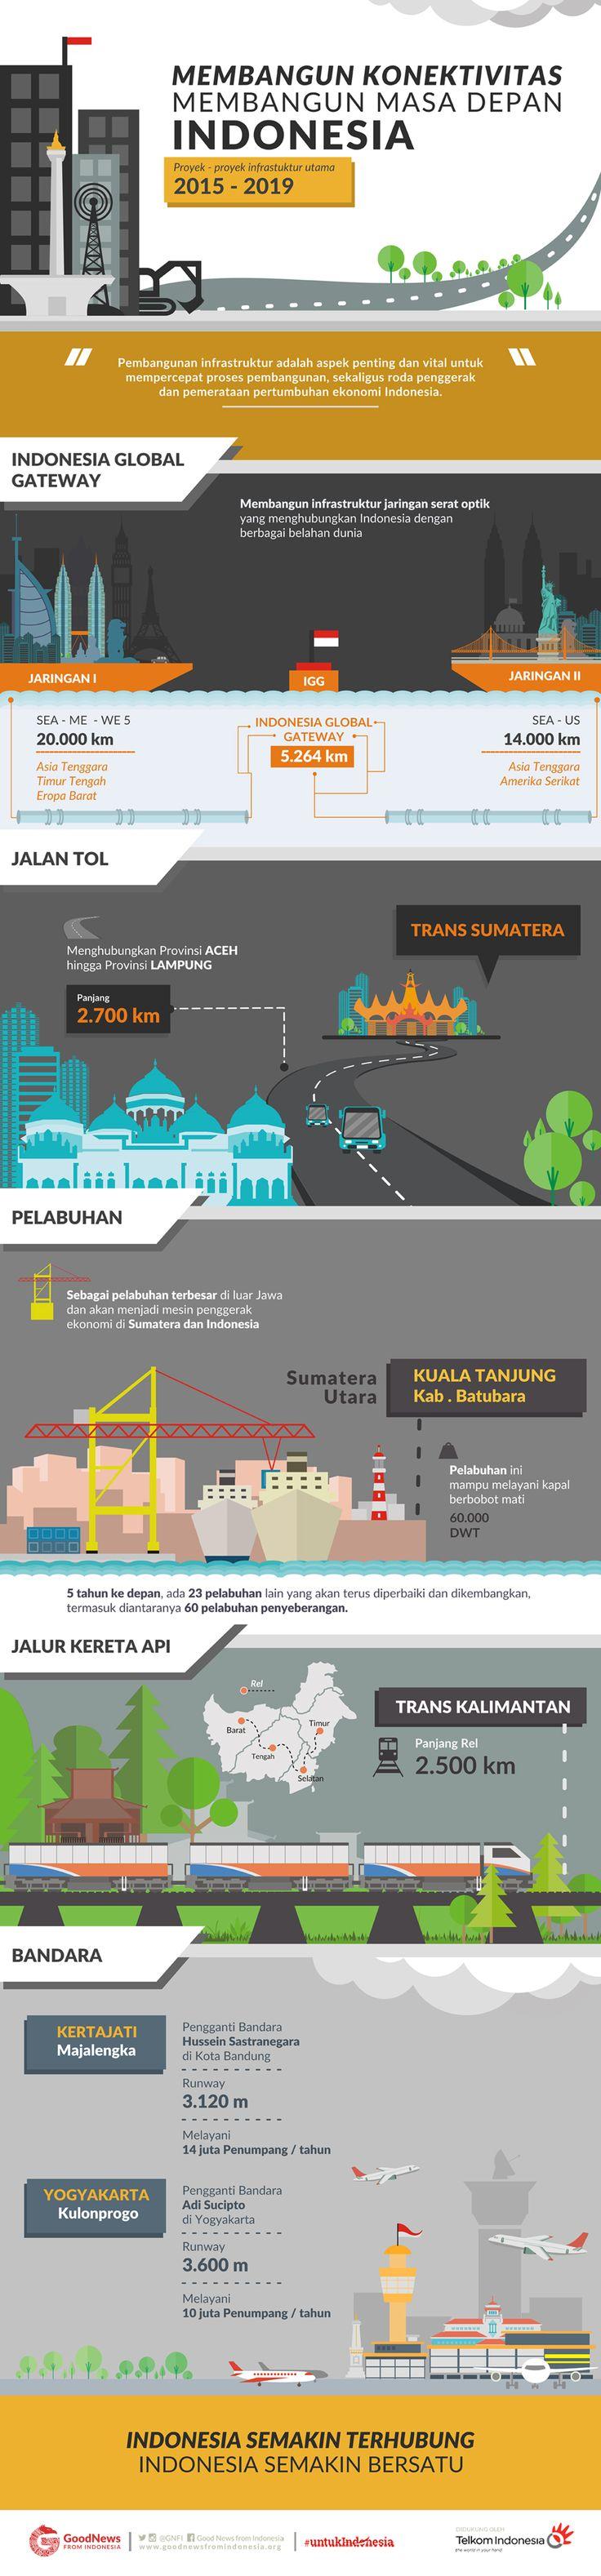 Membangun Konektivitas, Membangun Masa Depan Indonesia